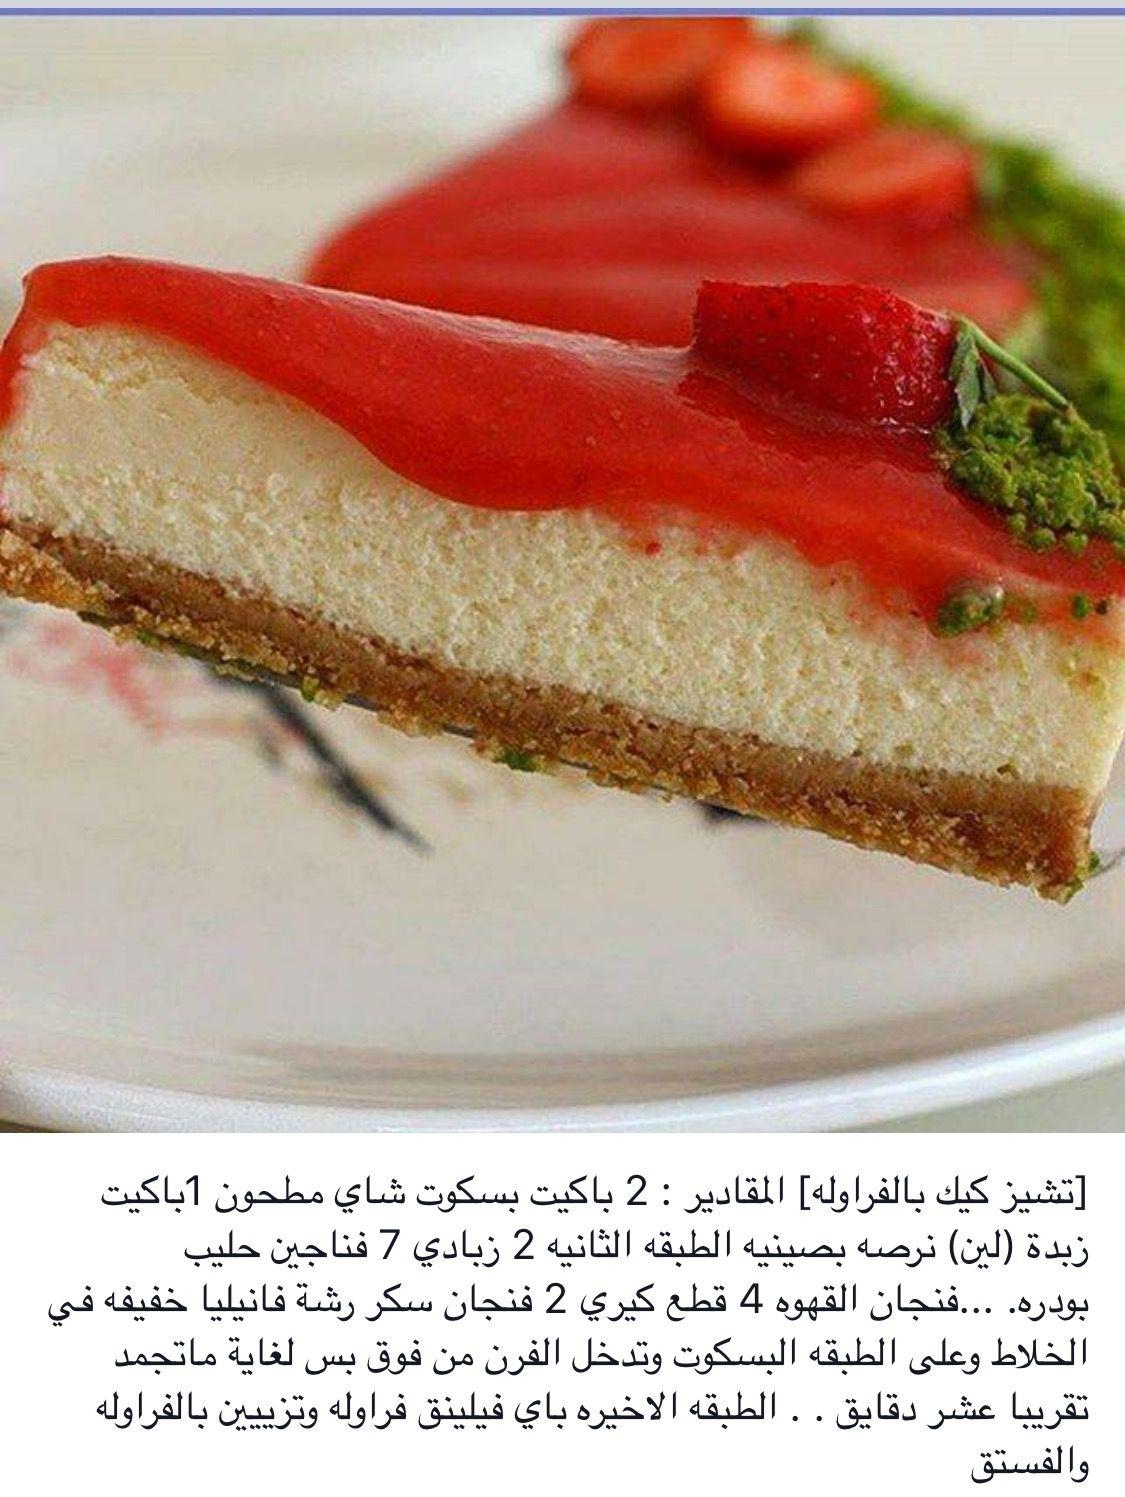 تشيز كيك الفراولة Food Desserts Cheesecakes